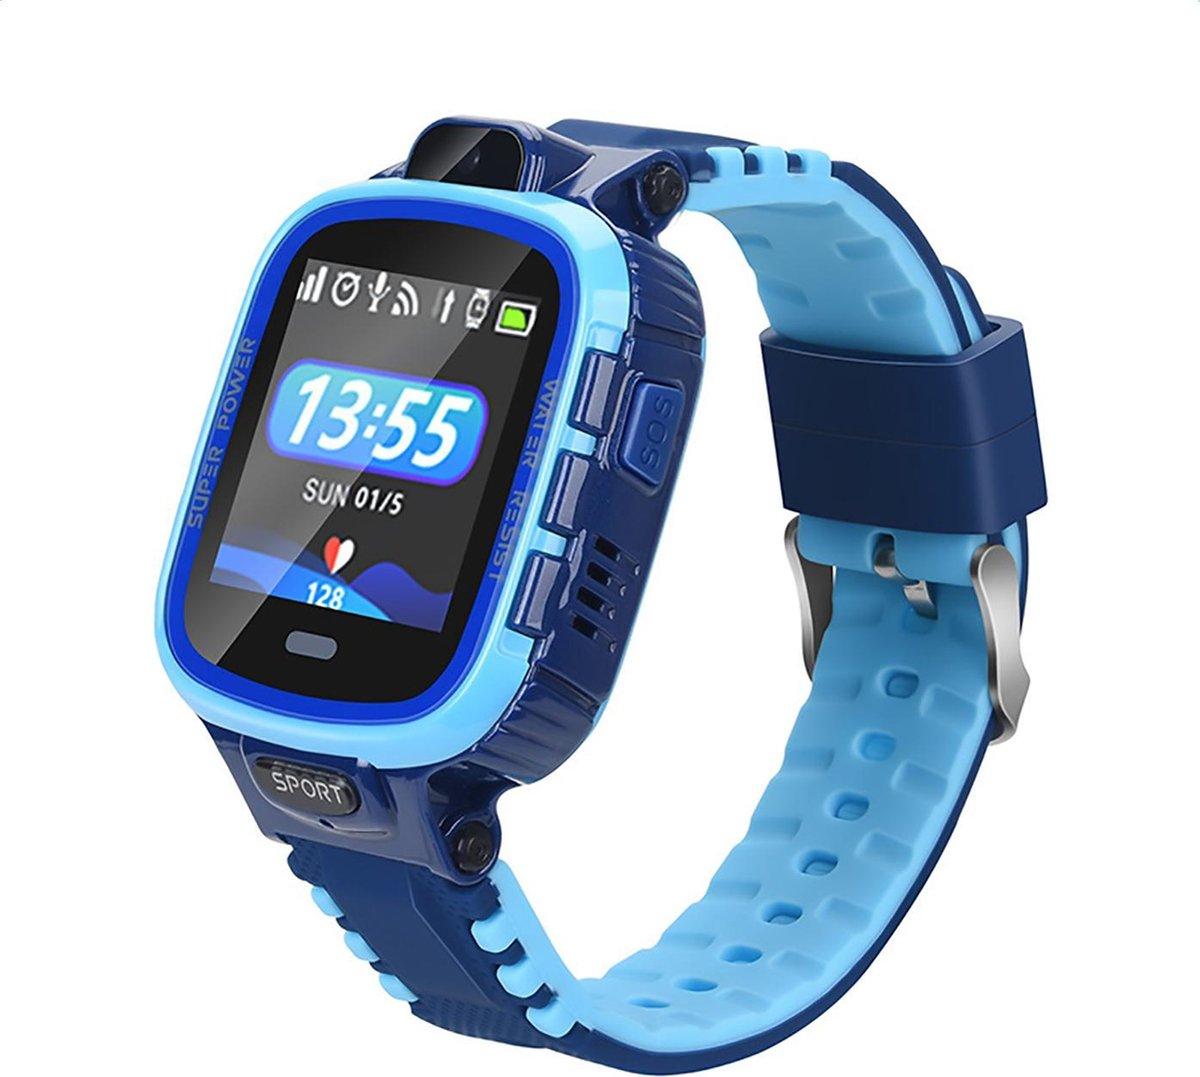 GPS Tracker voor Kind - Volgsysteem voor Kinderen - SOS Bel Functie - Werkt via SimKaart - Blauw